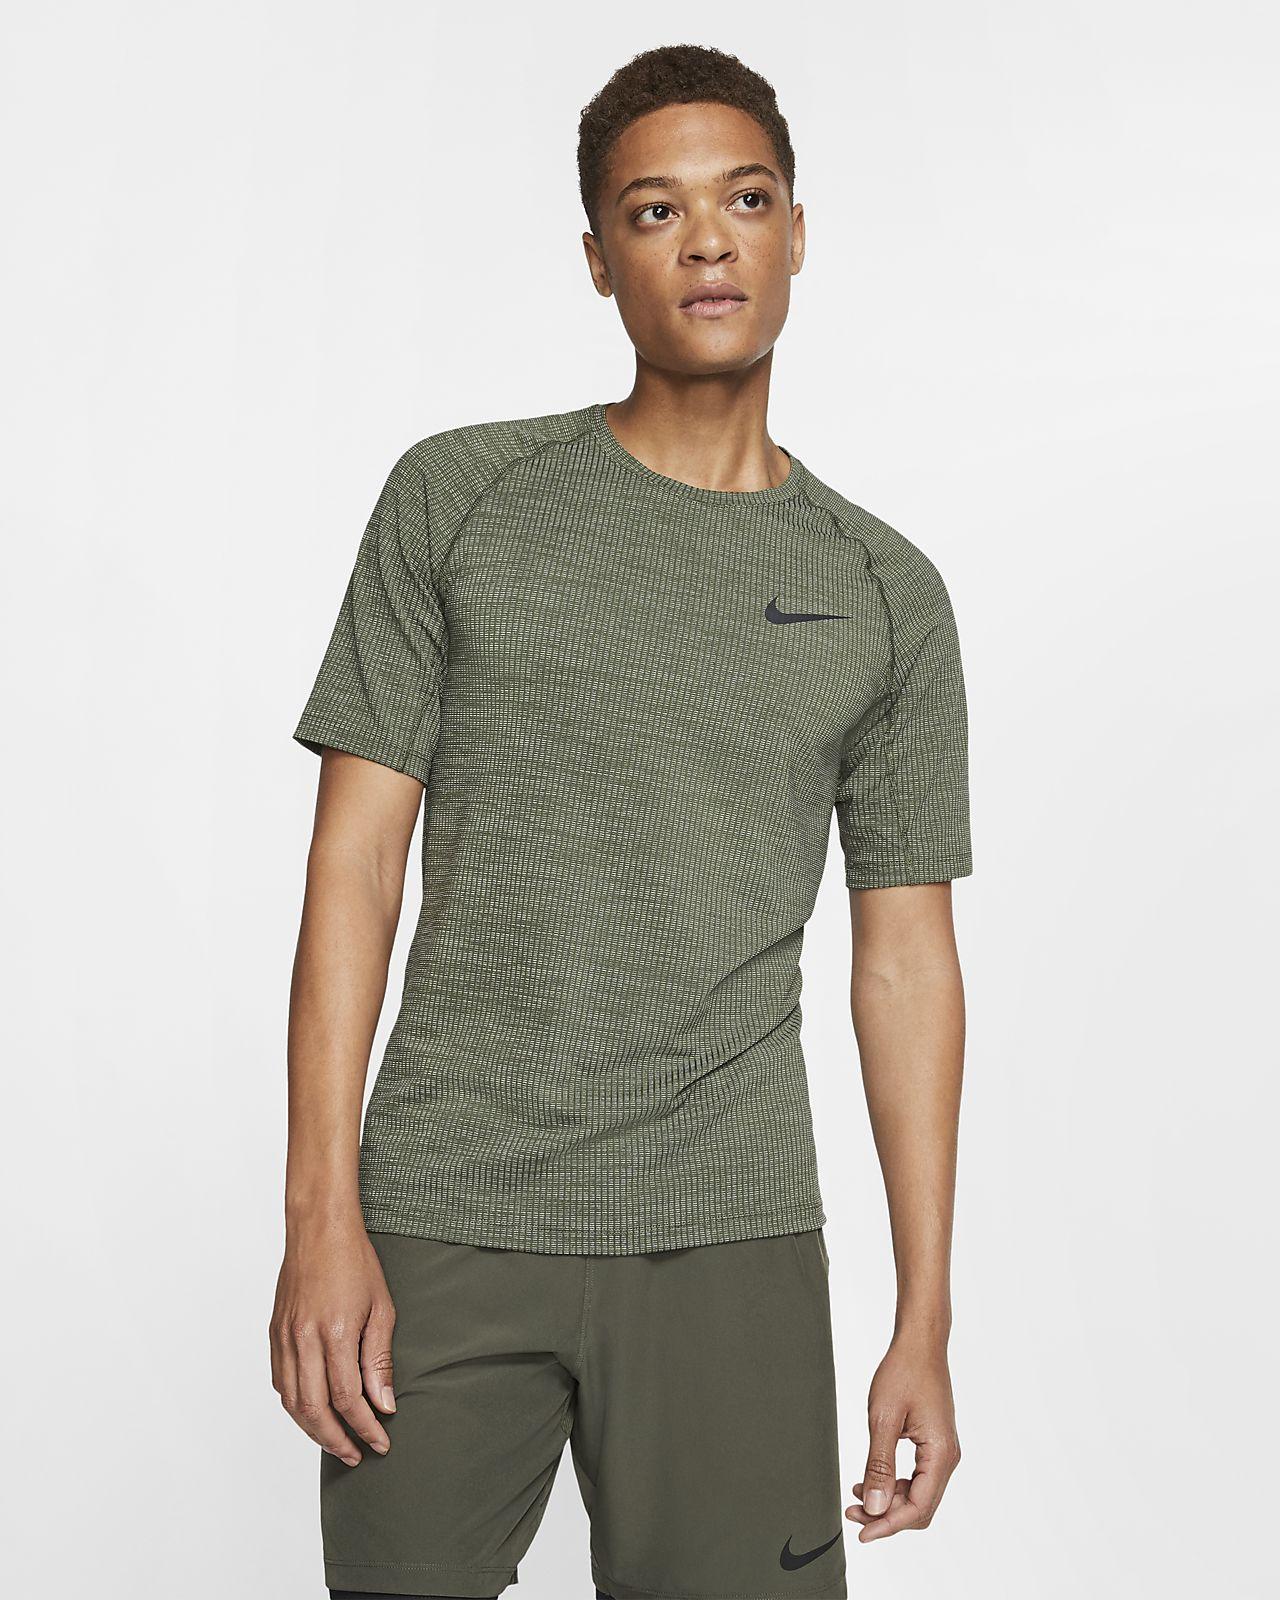 Nike Pro Men's Short-Sleeve Slim Fit Top